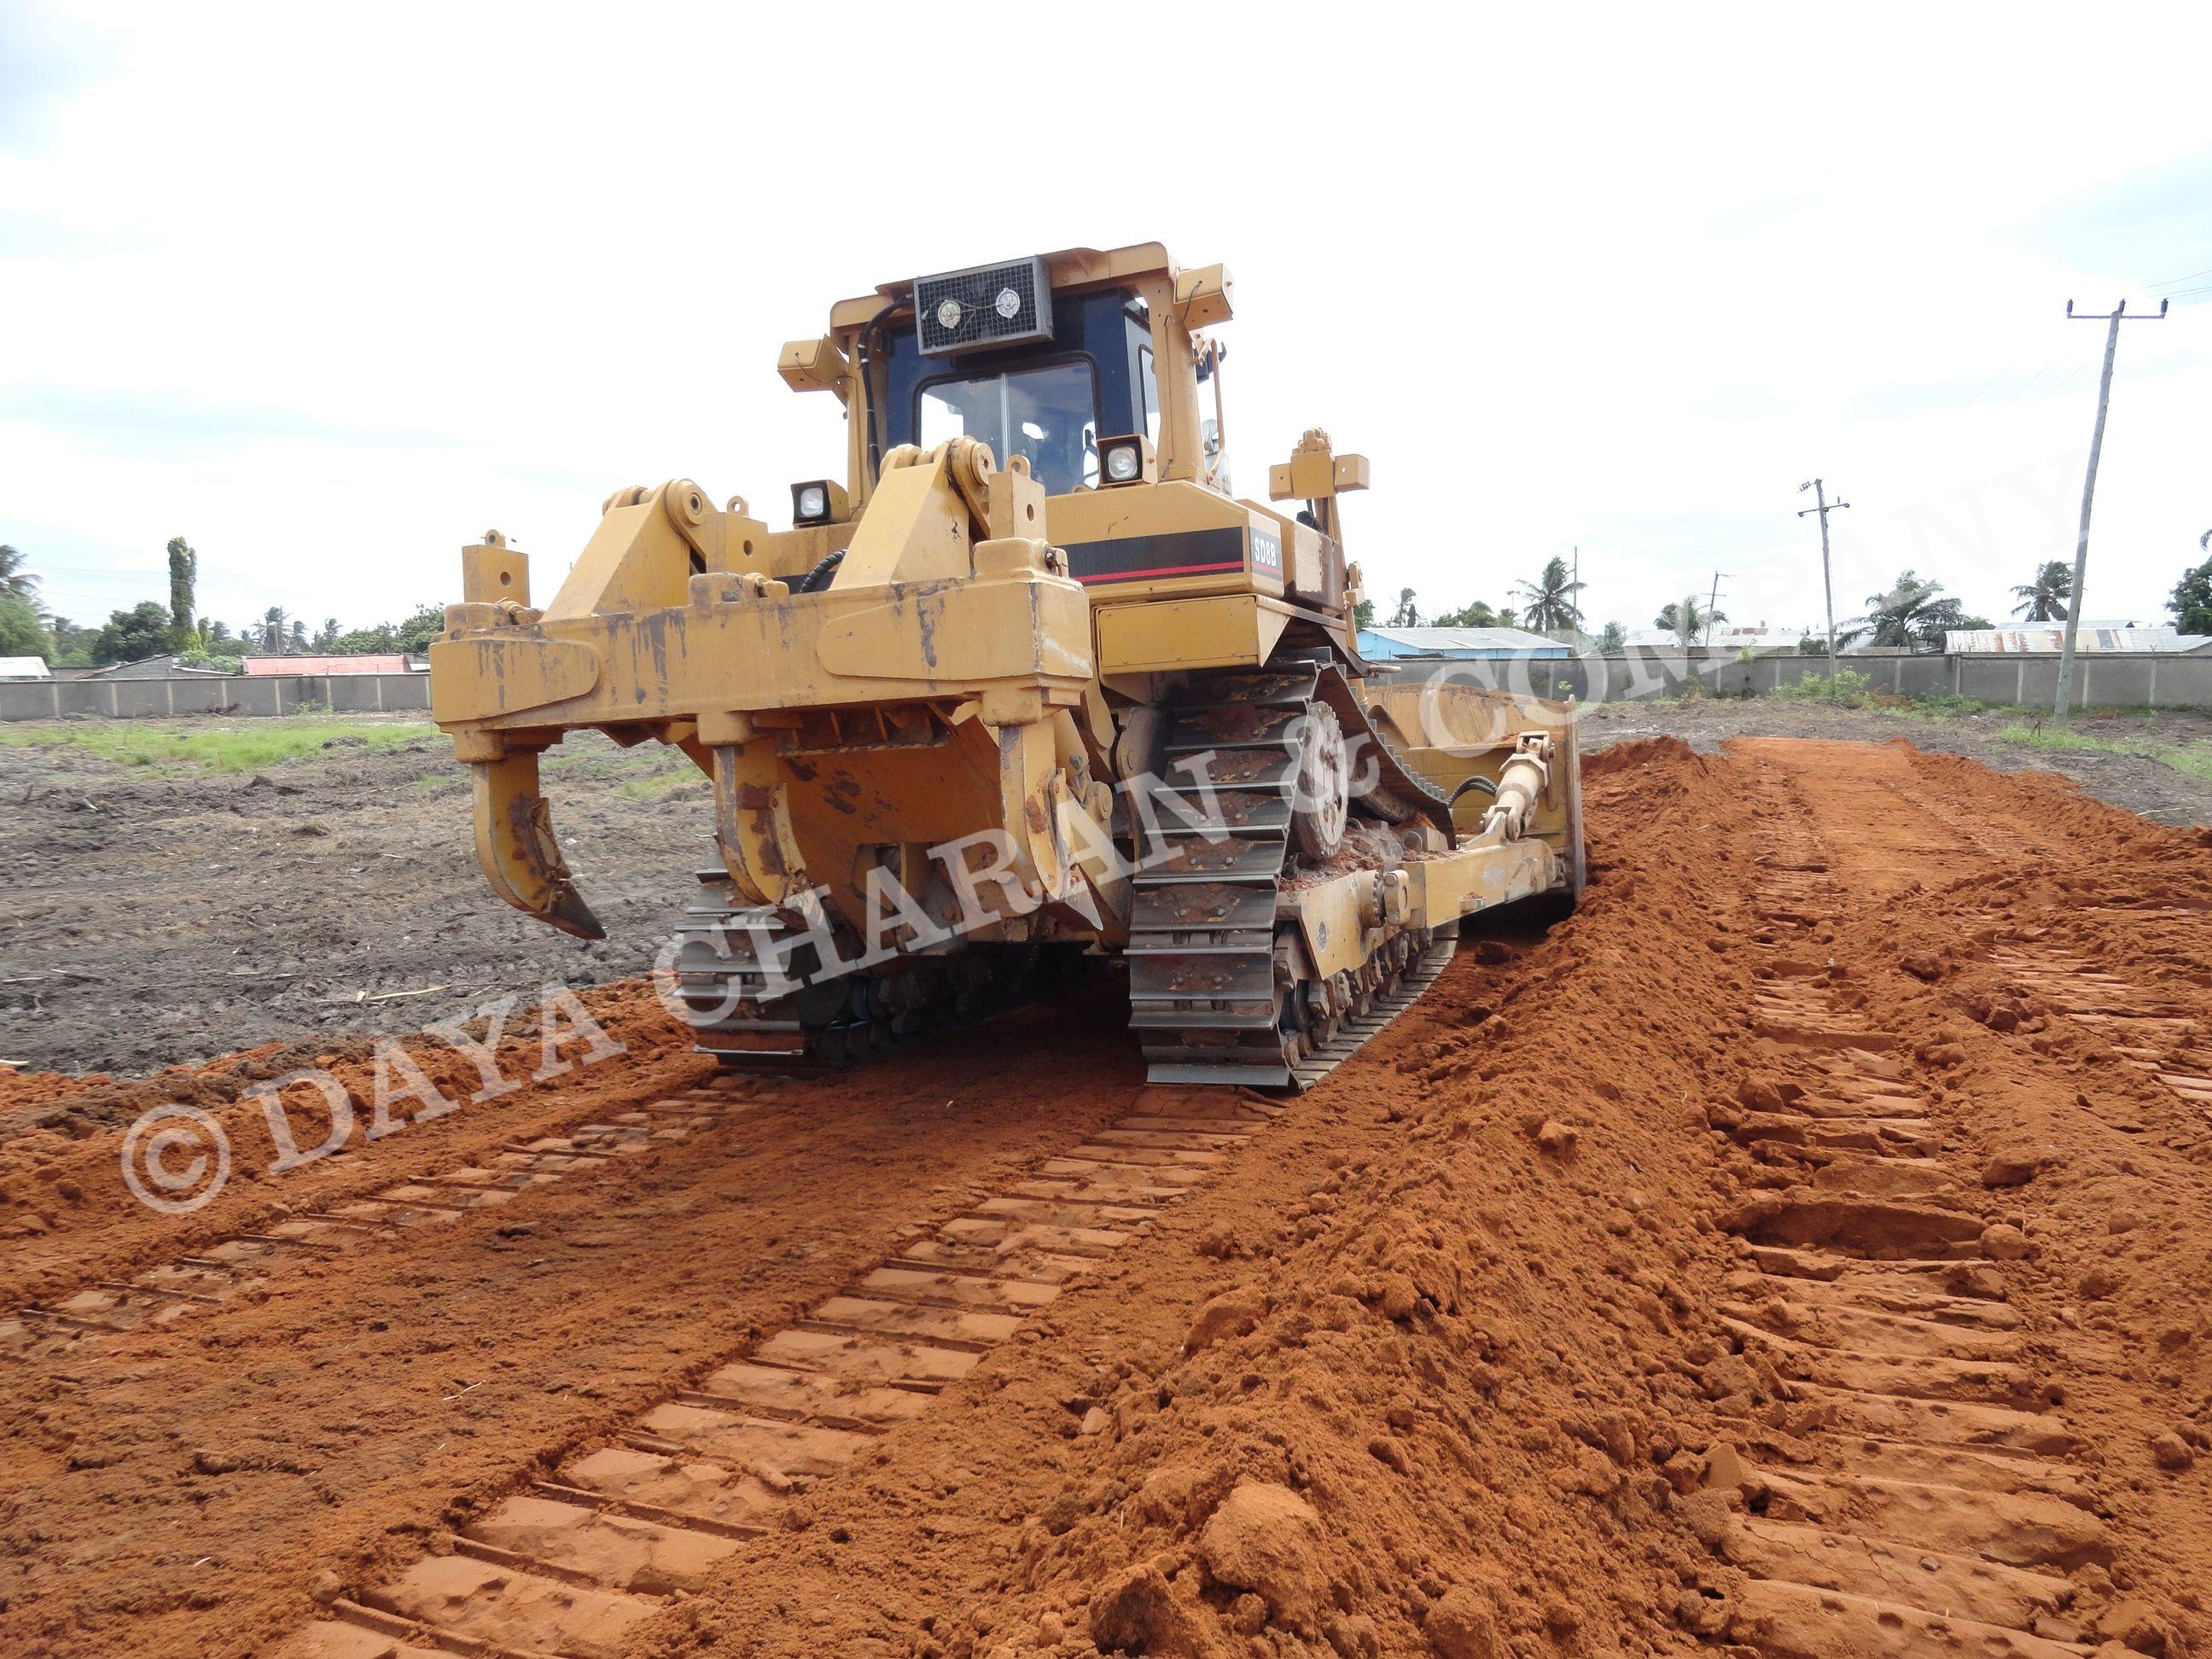 Buy New Bulldozers in India, HBXG Bulldozer For Sale